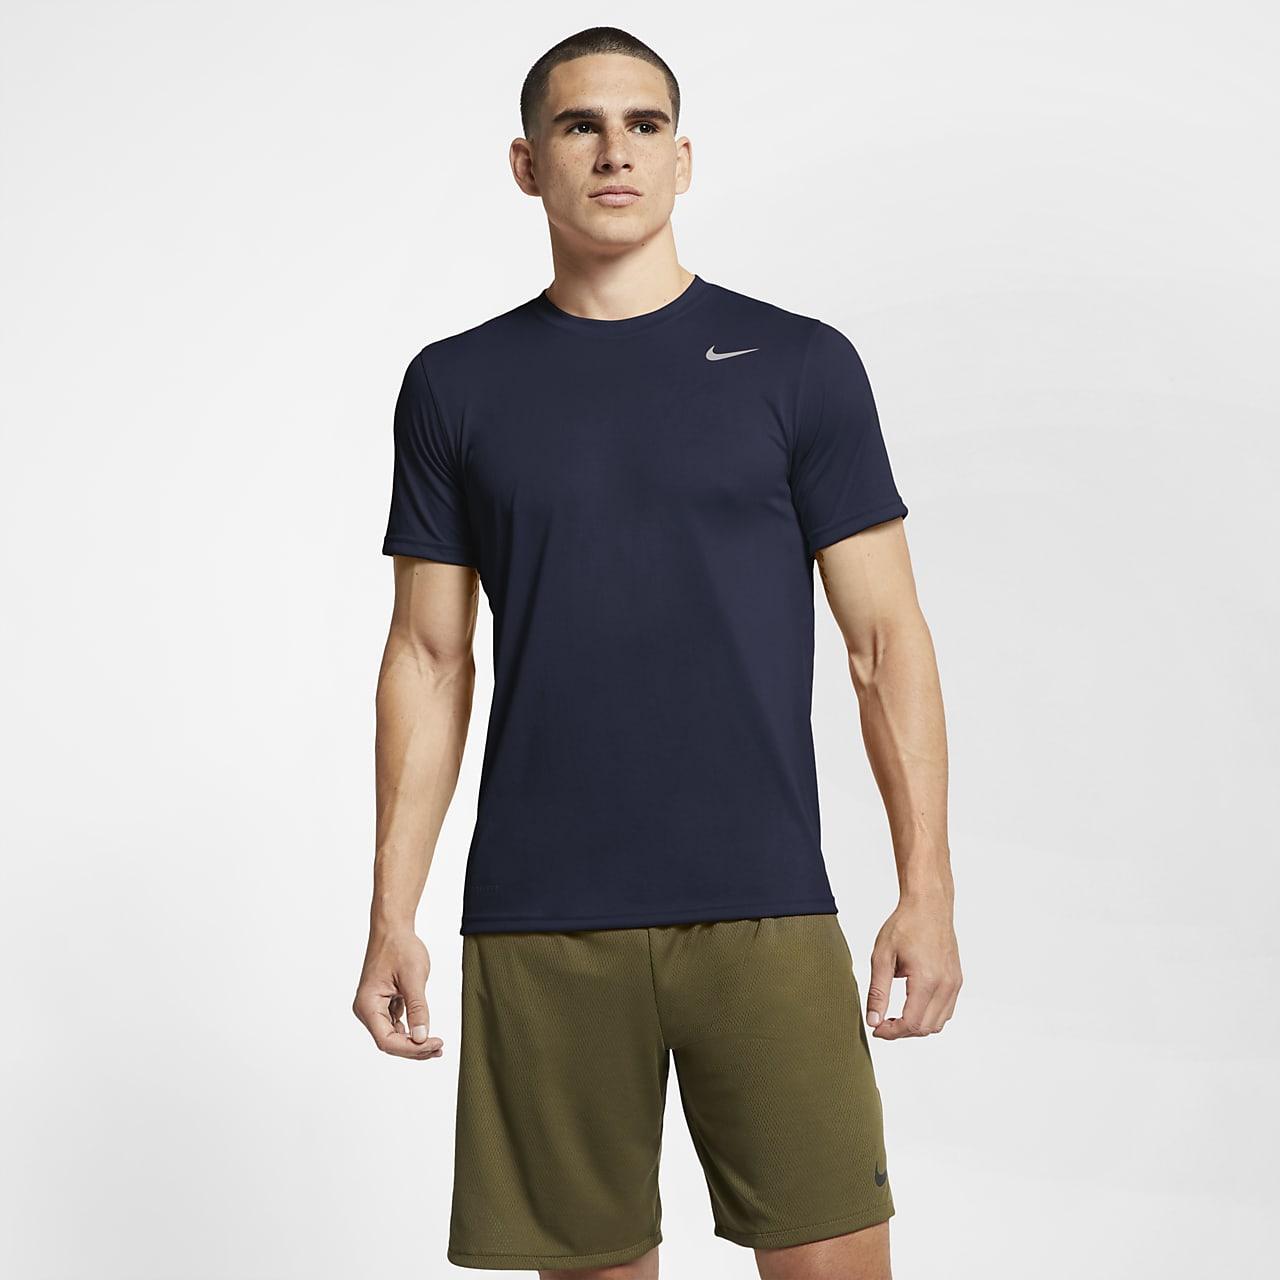 1f4d000c286 NIKE公式】ナイキ レジェンド 2.0 メンズ トレーニング Tシャツ ...